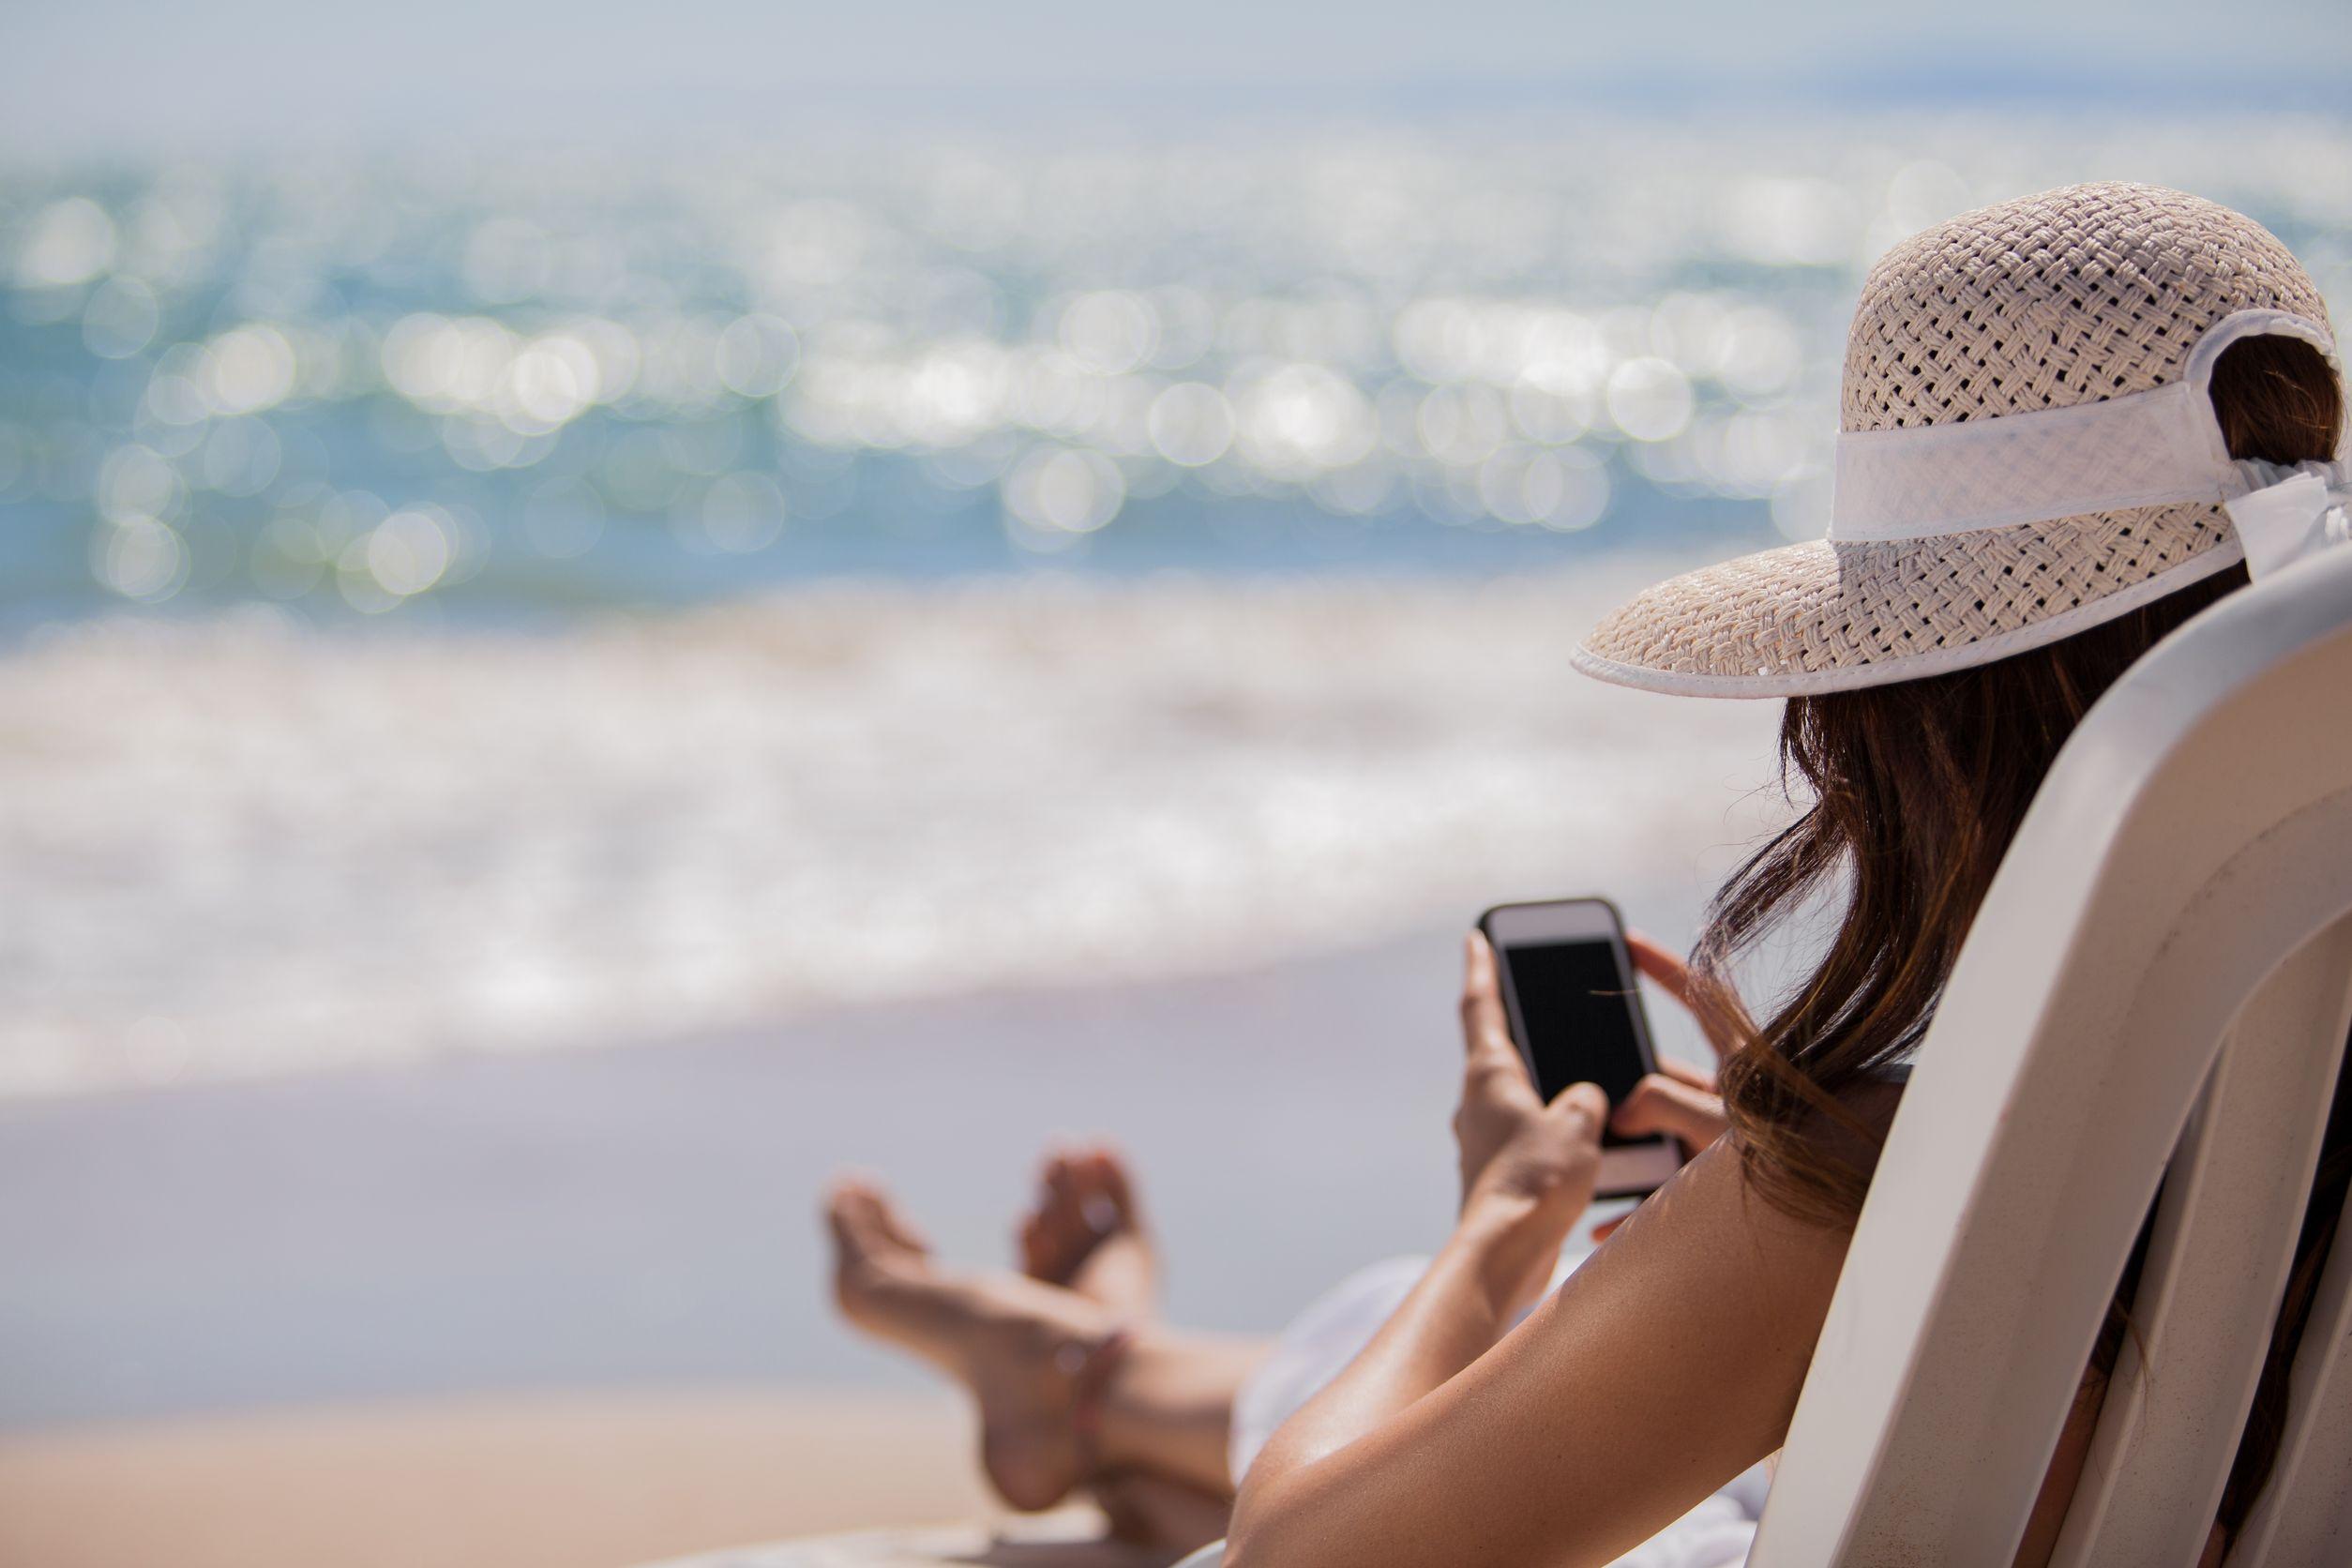 «Общественная потребительская инициатива» подозревает сотовых операторов в роуминговых уловках